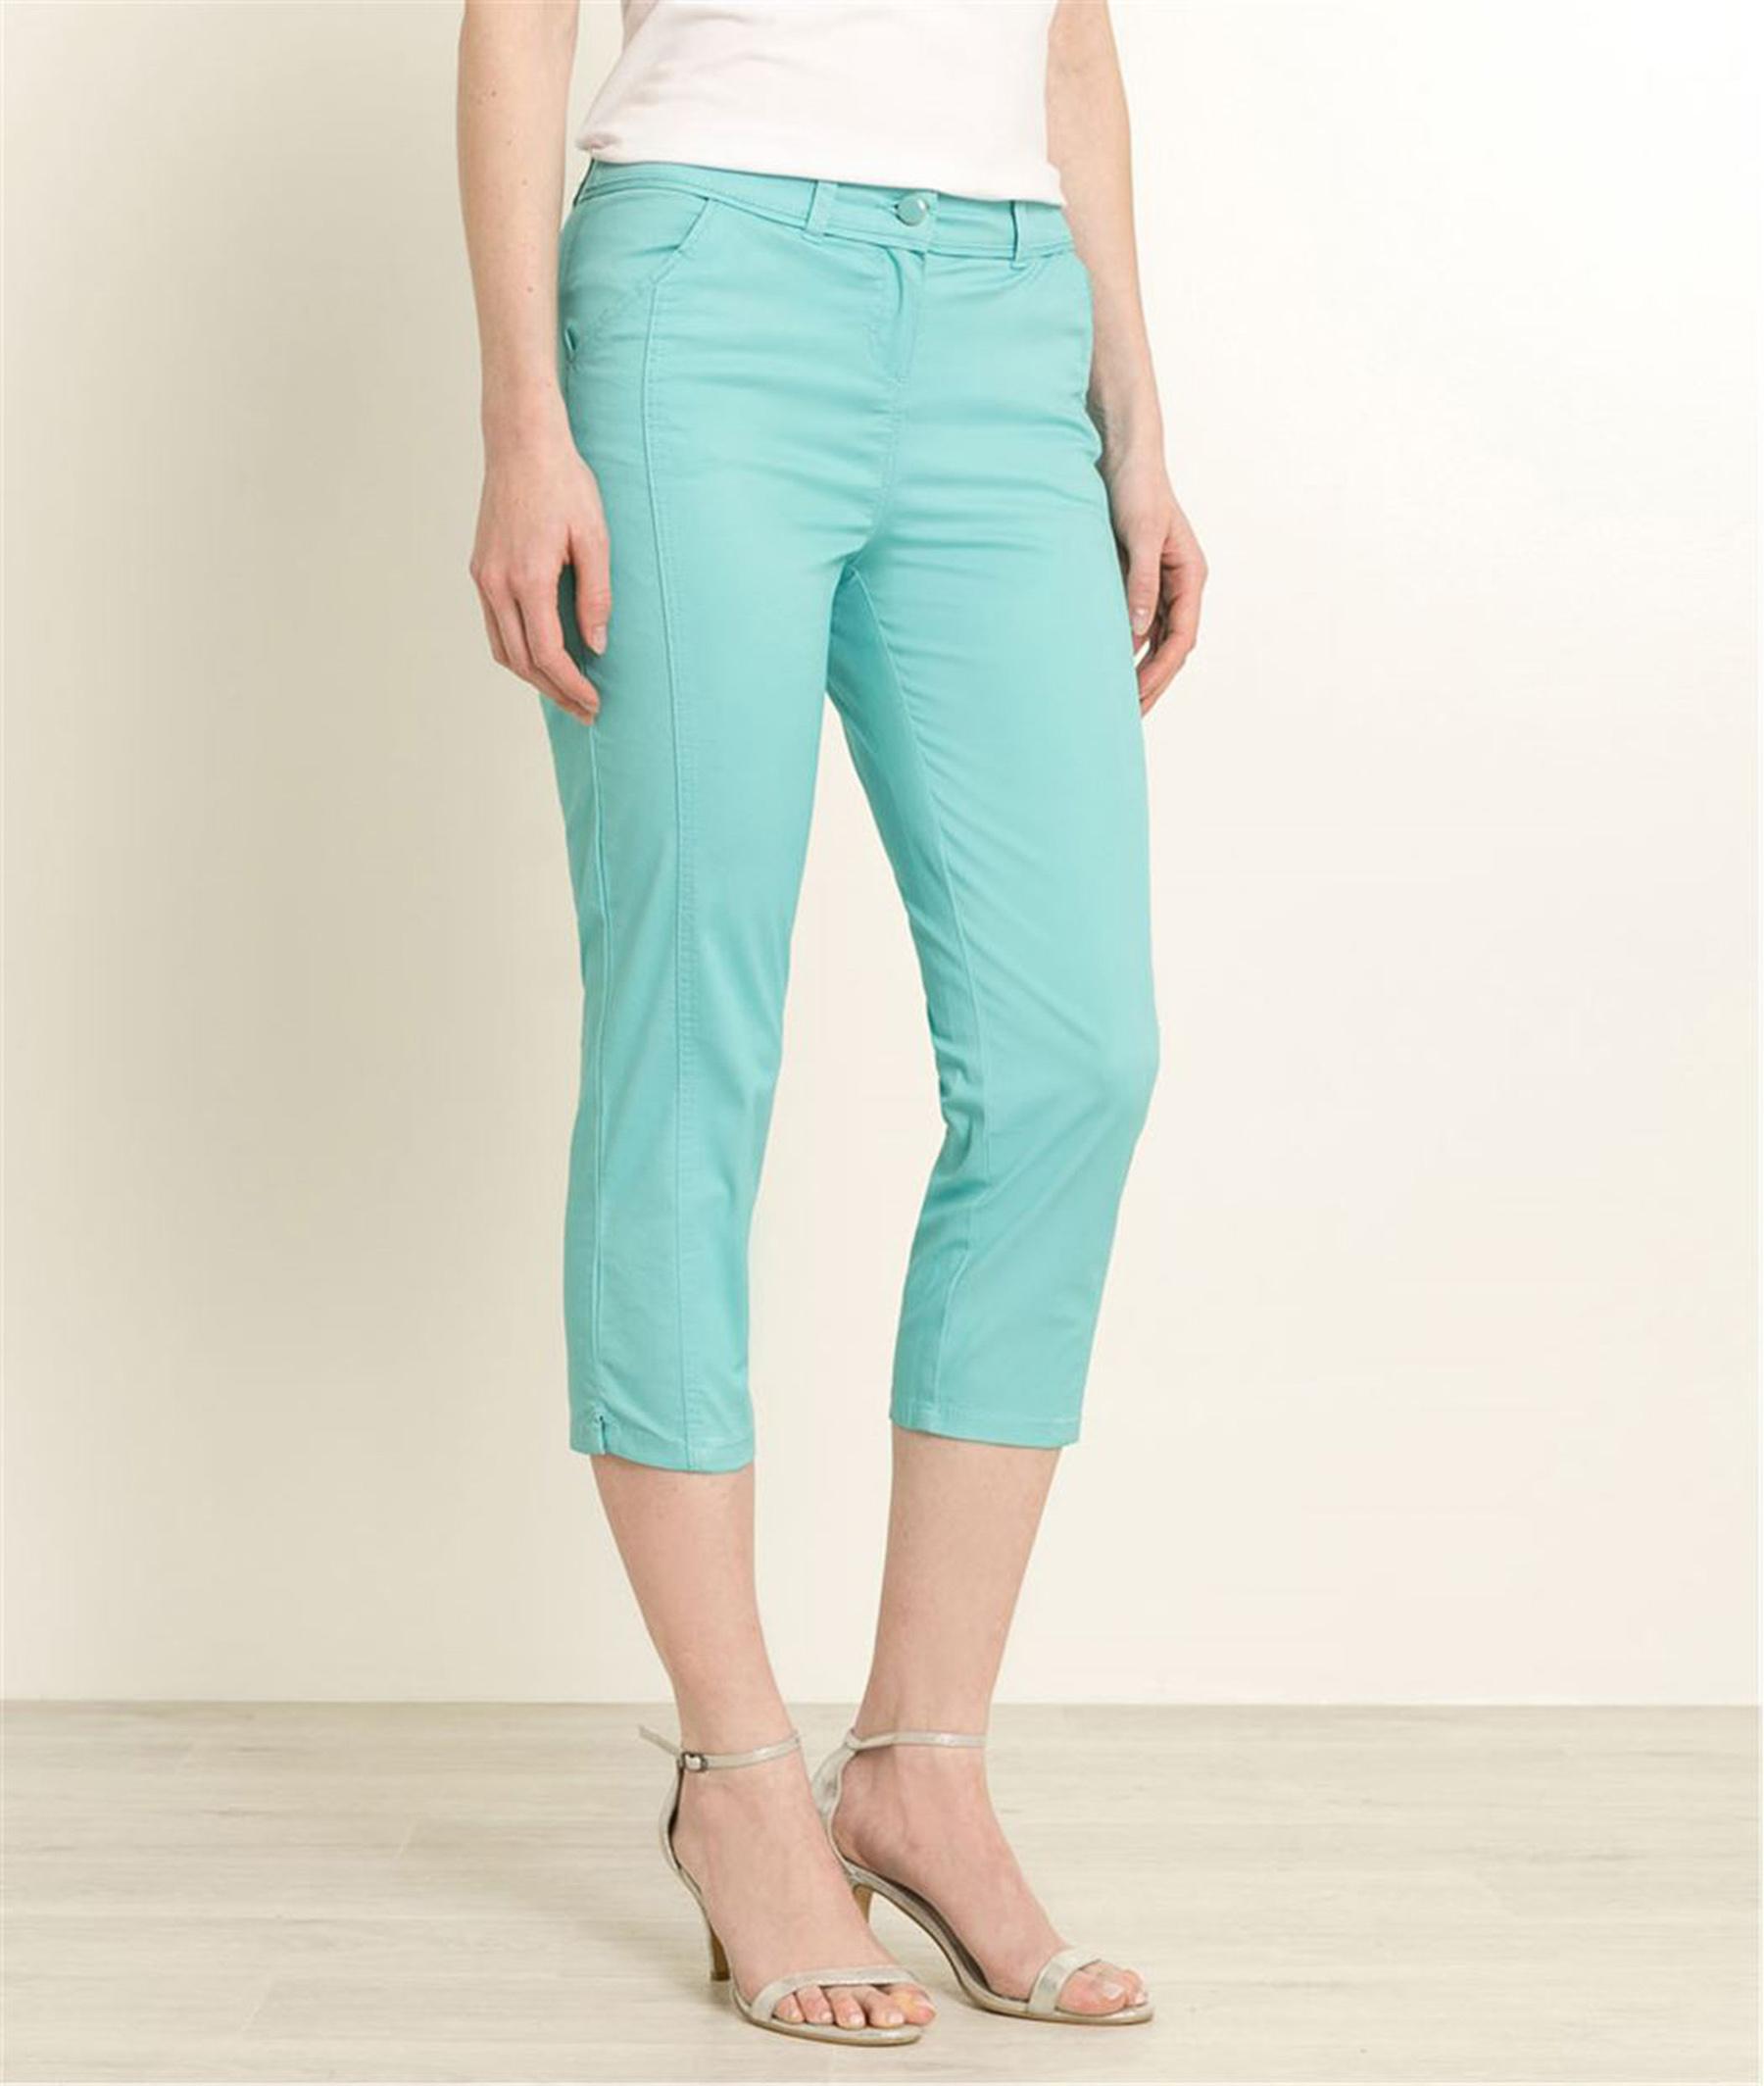 88fdb174211d Pantalon corsaire femme couleurs LAGON - Grain de Malice